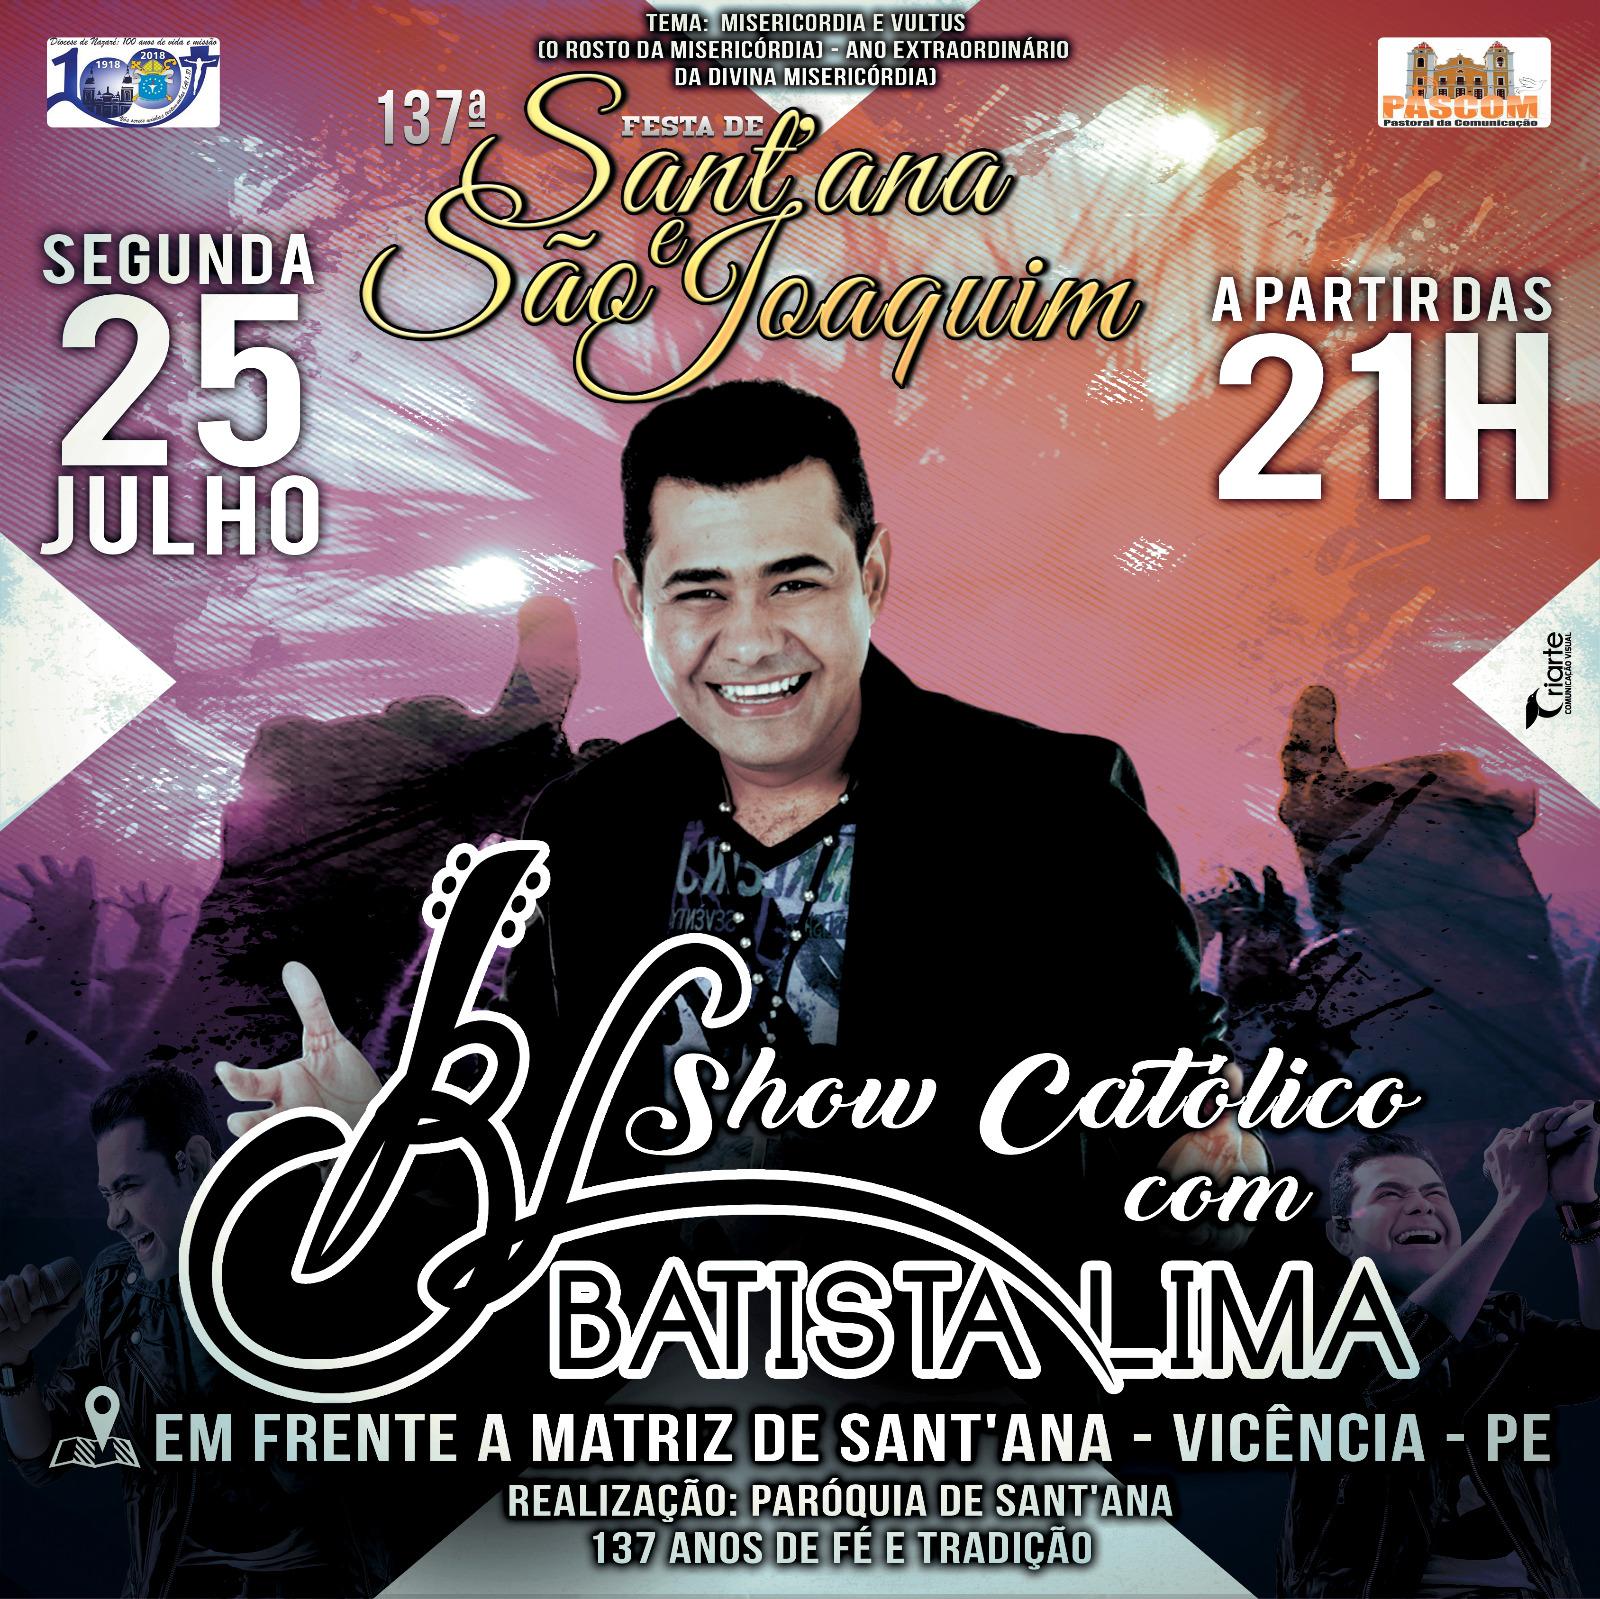 SHOW CATÓLICO - BATISTA LIMA